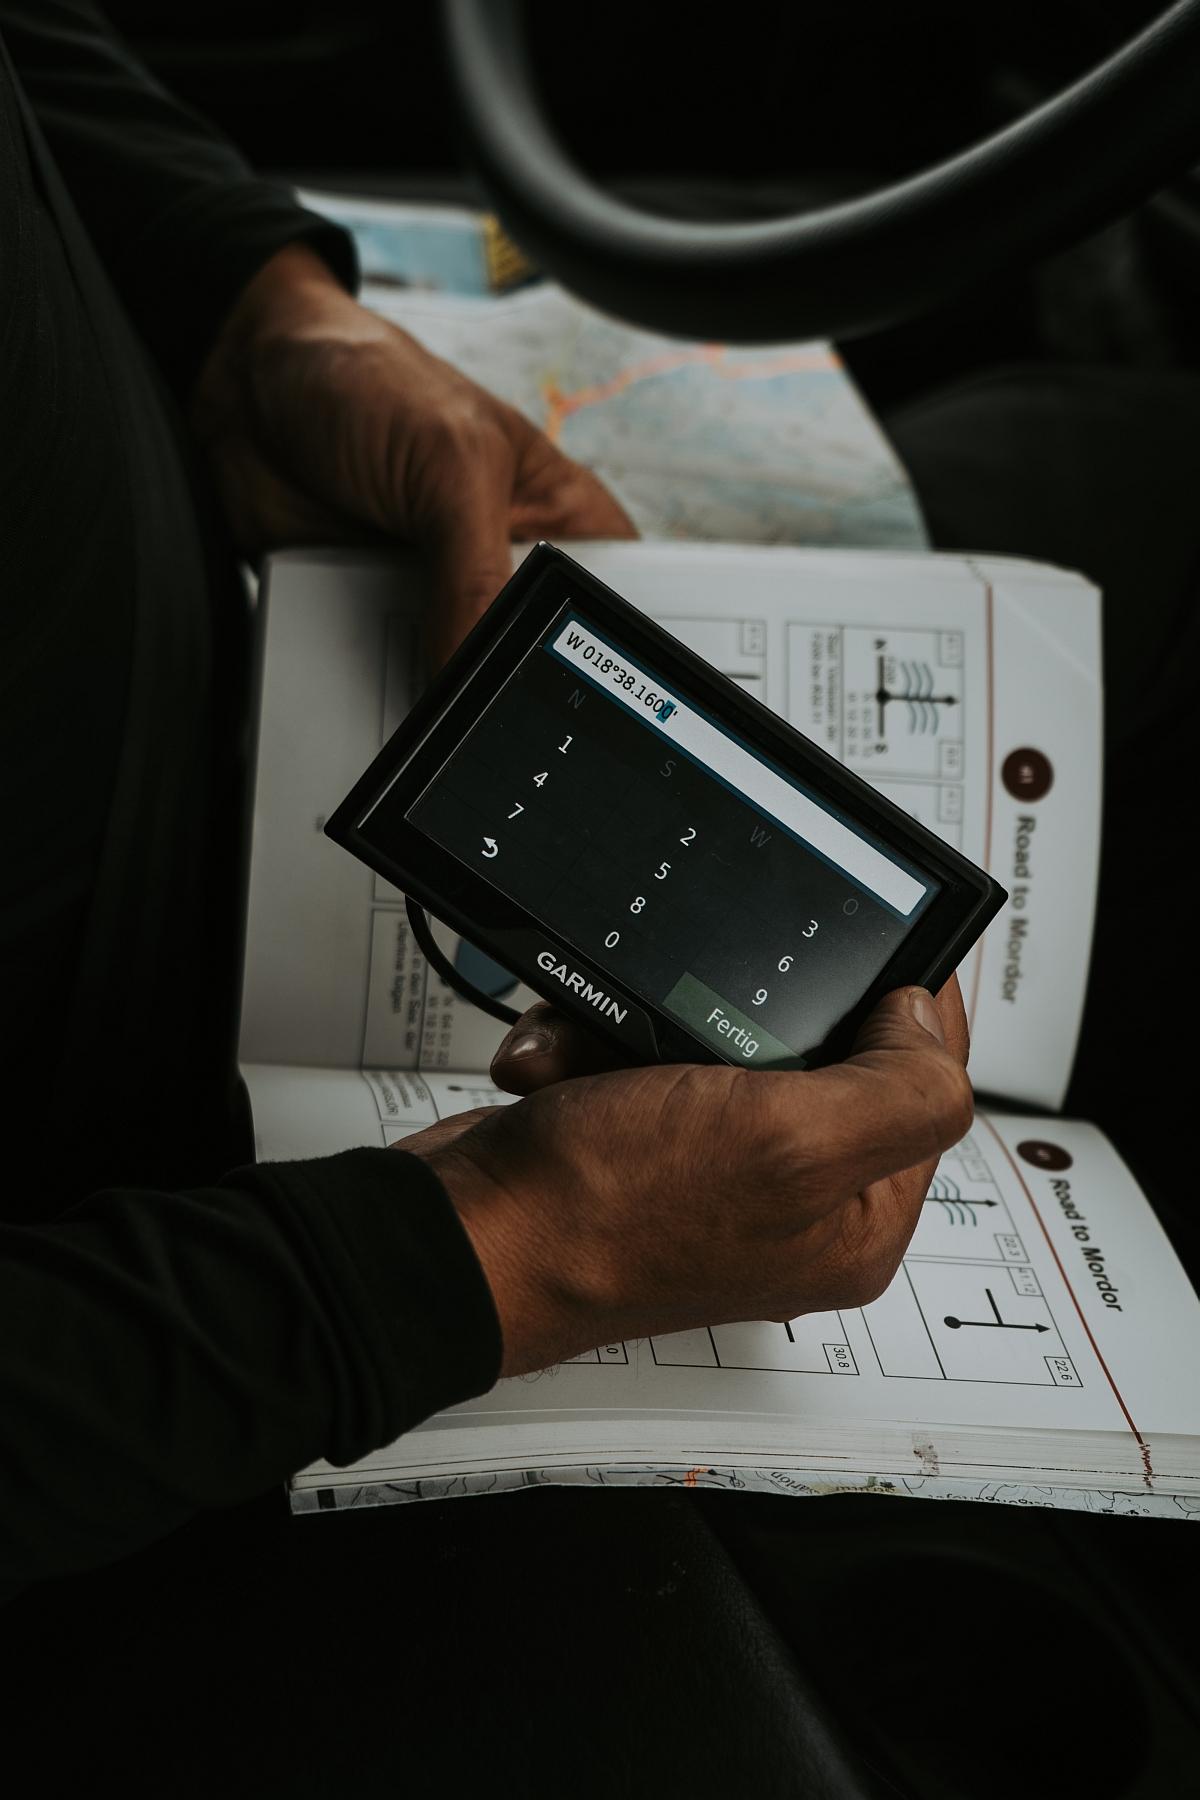 Reisender mit GPS Gerät bei einer Islandreise